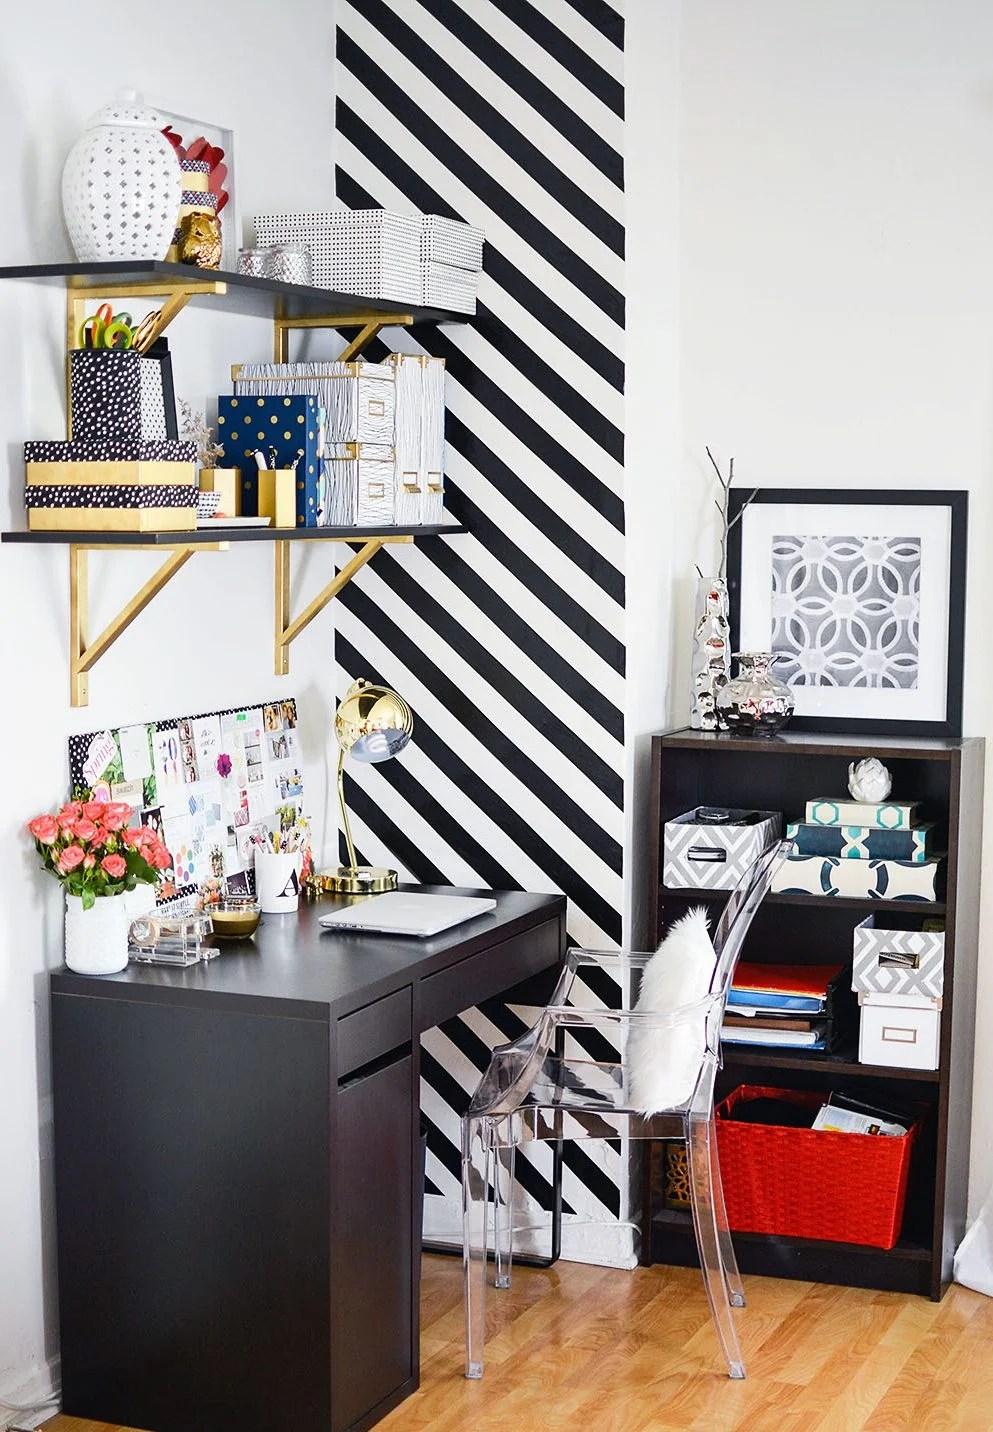 Raumgestaltung Ideen Schwarz Weiß